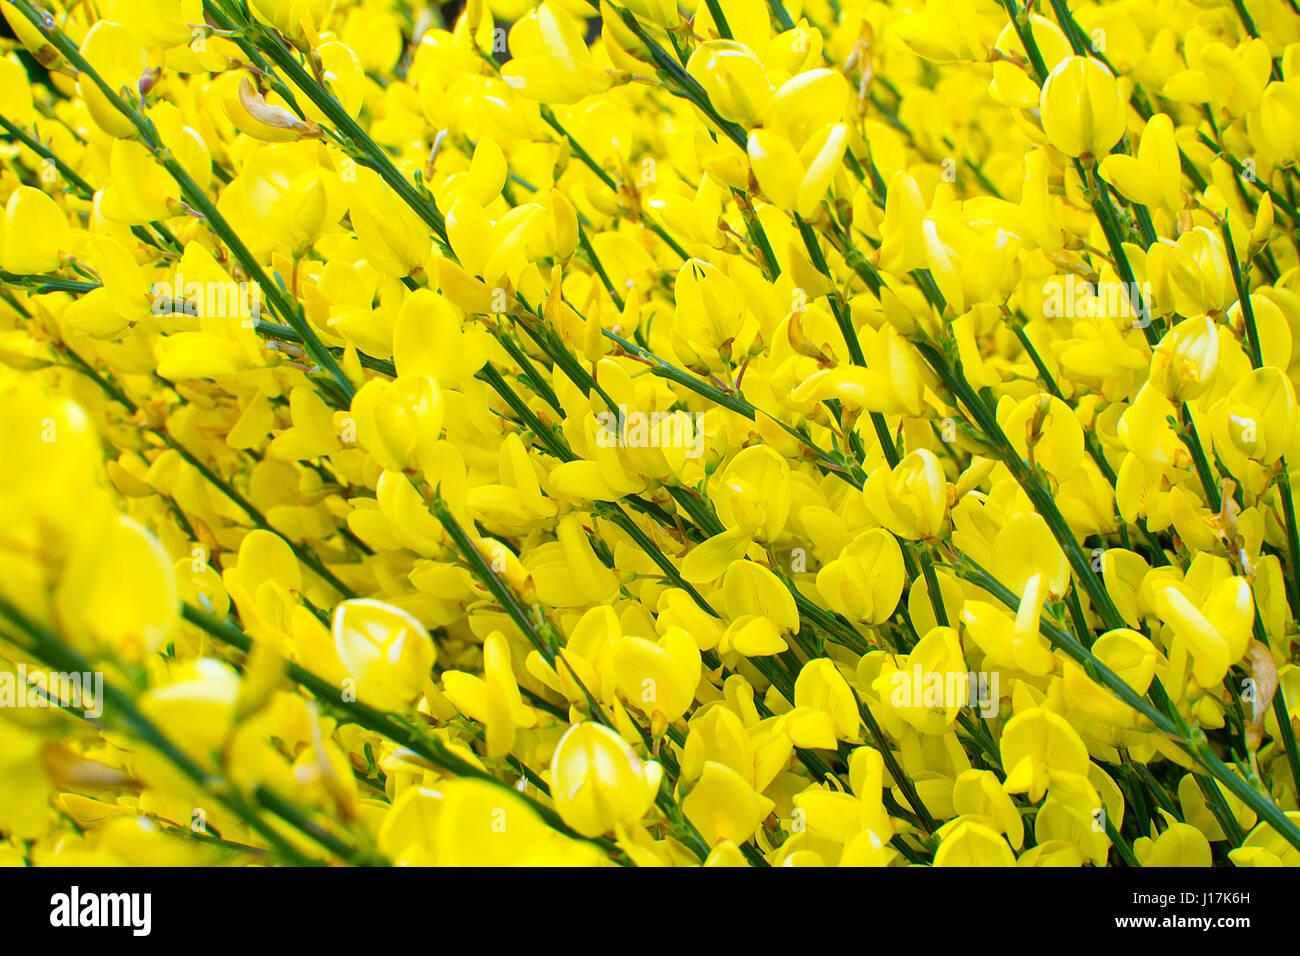 Arbusto A Fiori Gialli fiori gialli della ginestra comune arbusto foto & immagine